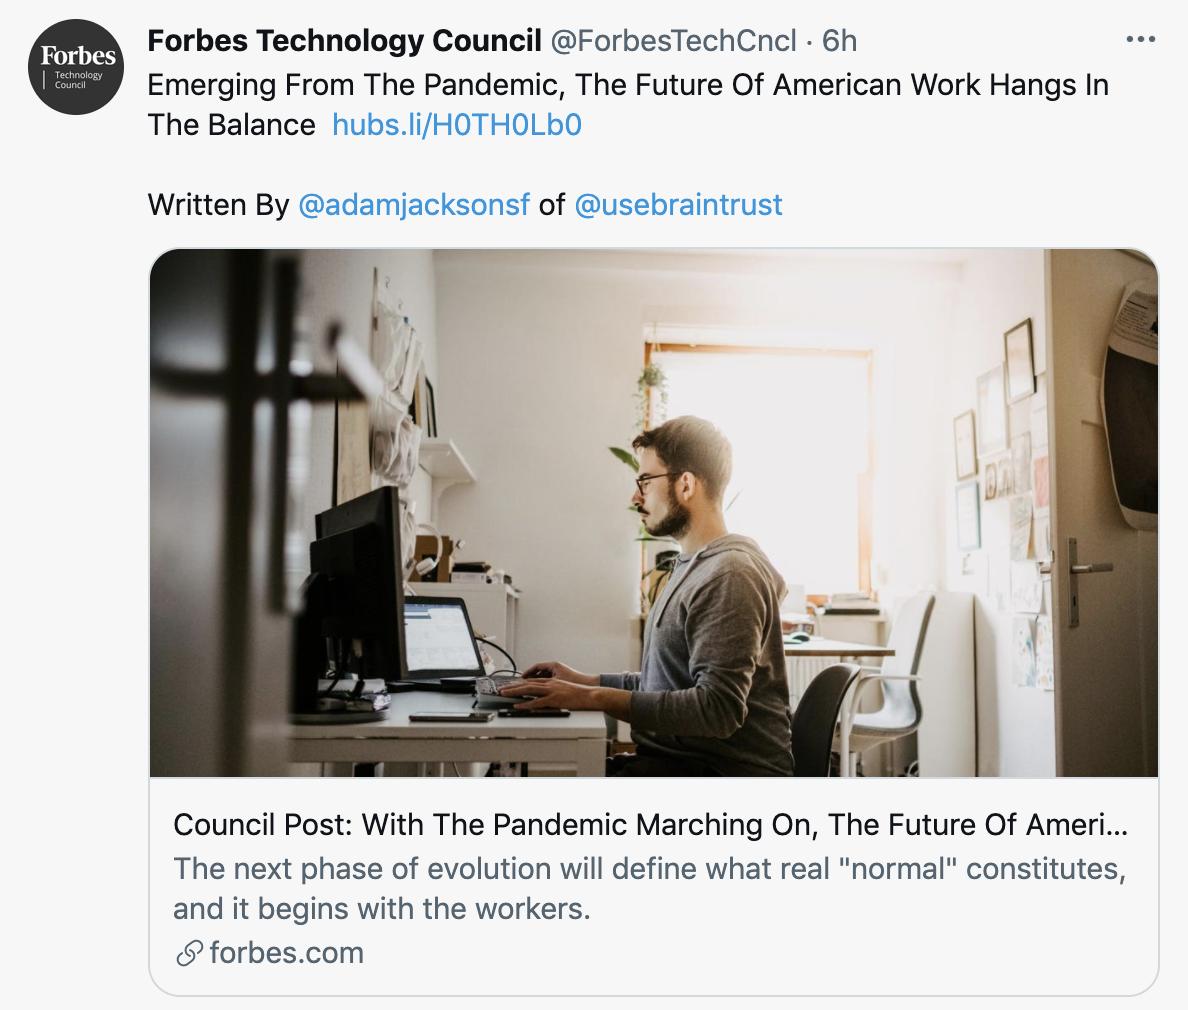 Braintrust Growth Report - August 5, 2021 - Forbes Technology Council Tweet